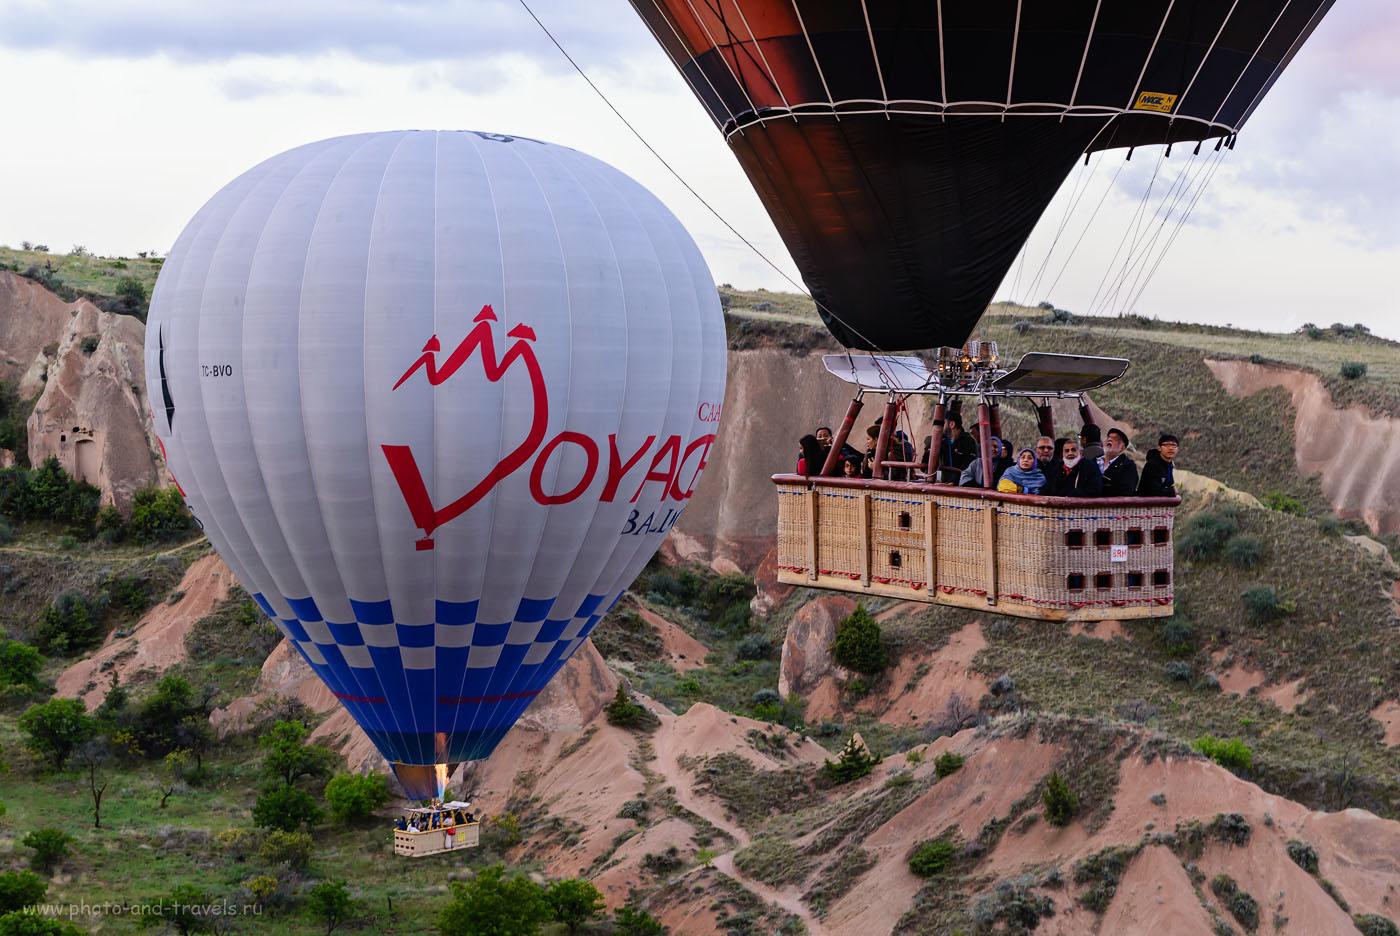 Фото 9. Туристы в корзине воздушного шара. Полет над Каппадокией. Отчет об отдыхе в Турции самостоятельно. 1/30, -0.67, 8.0, 800, 58.